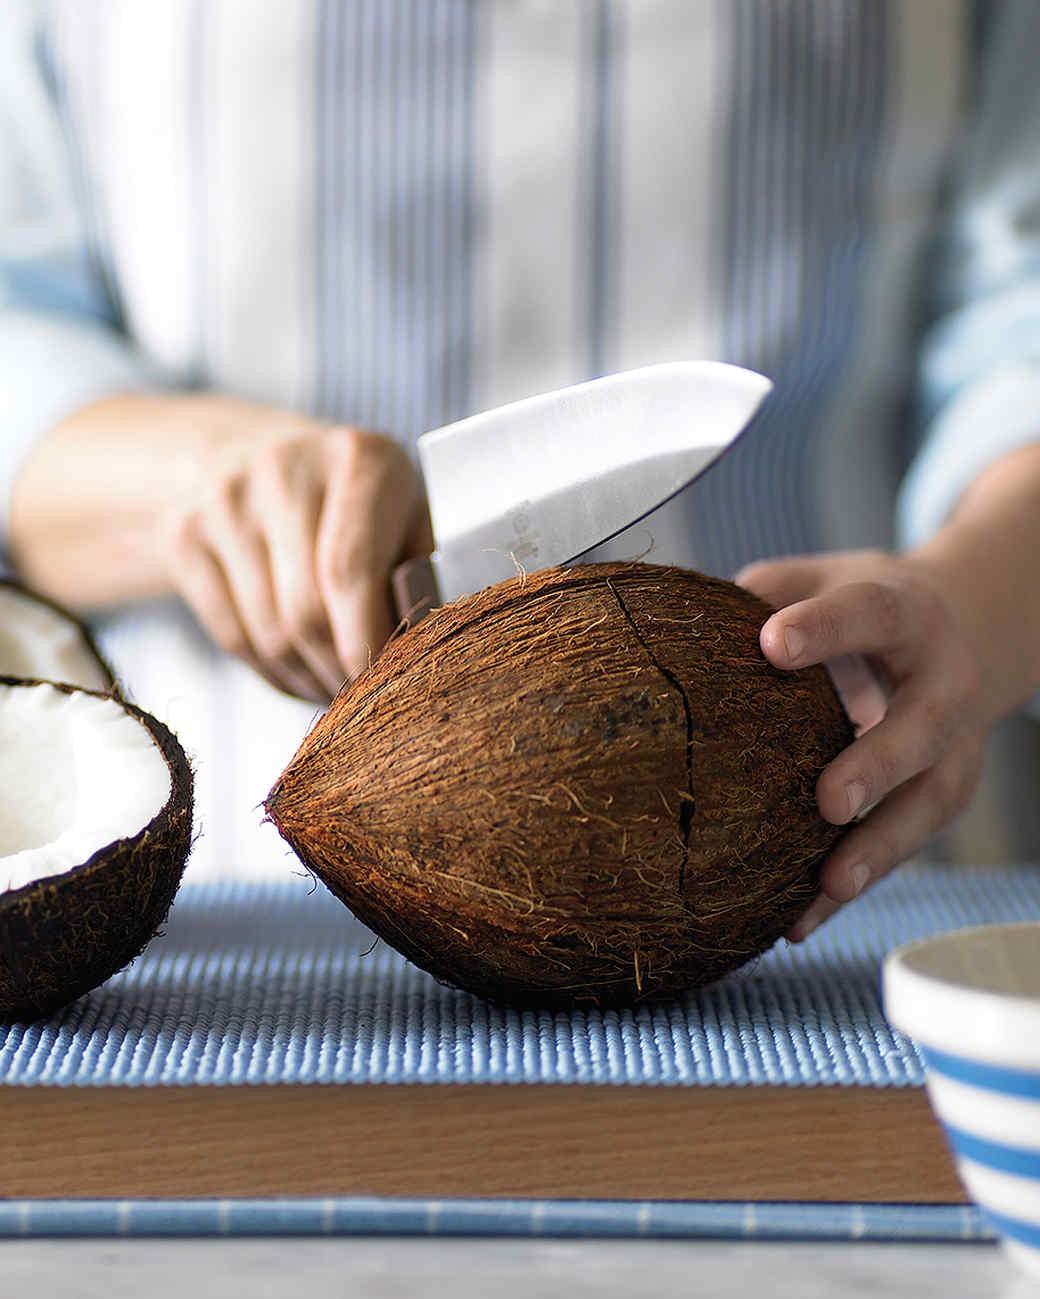 """Mùa hè uống nước dừa là tuyệt hảo nhưng bổ dừa thế nào thì các mẹ học lỏm ngay mẹo """"dễ như ăn kẹo"""" sau - Ảnh 6"""